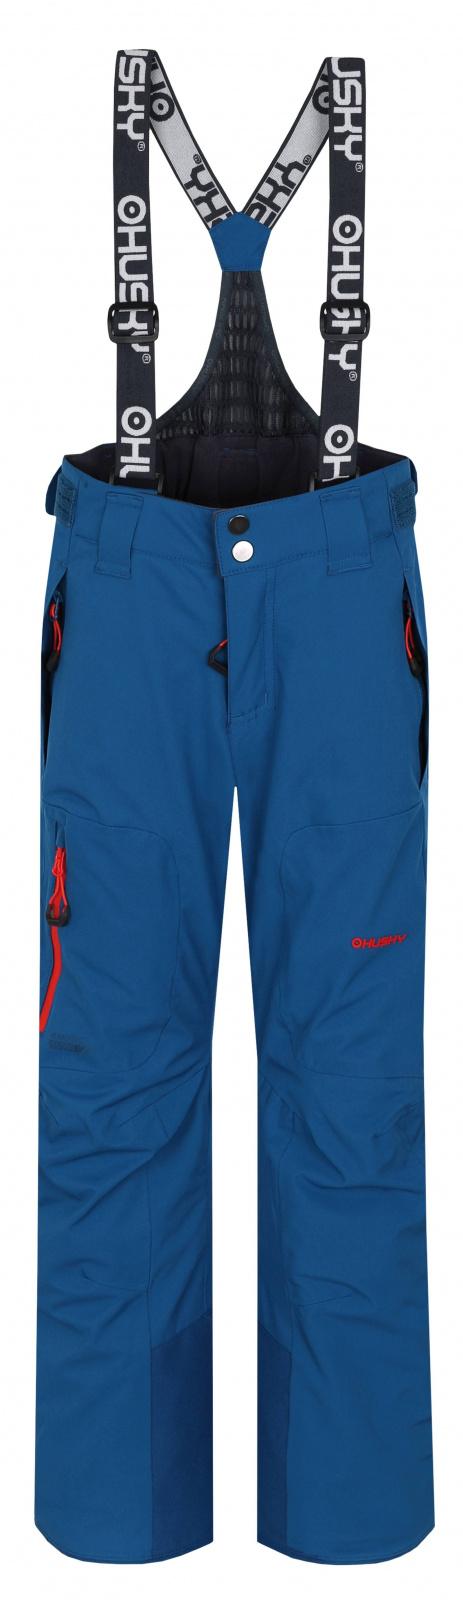 Husky Dětské lyžařské kalhoty Zeus Kids tm. modrá Velikost: 164-170